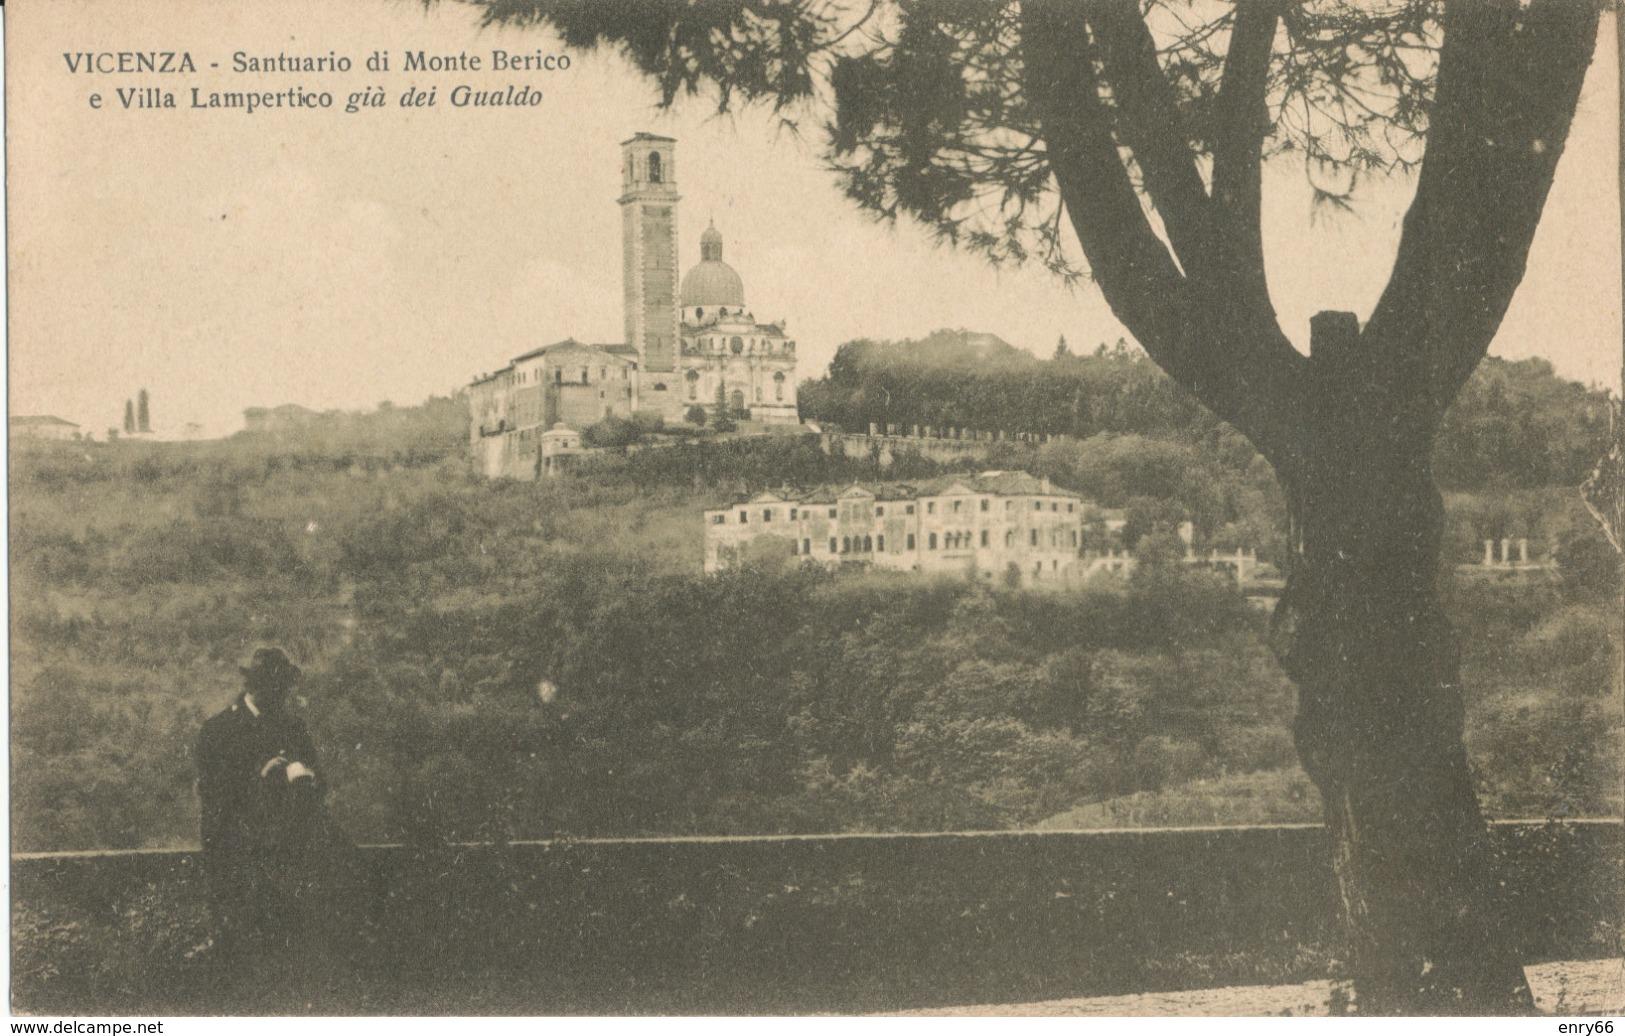 VICENZA-SANTUARIO DI MONTE BERICO - Vicenza